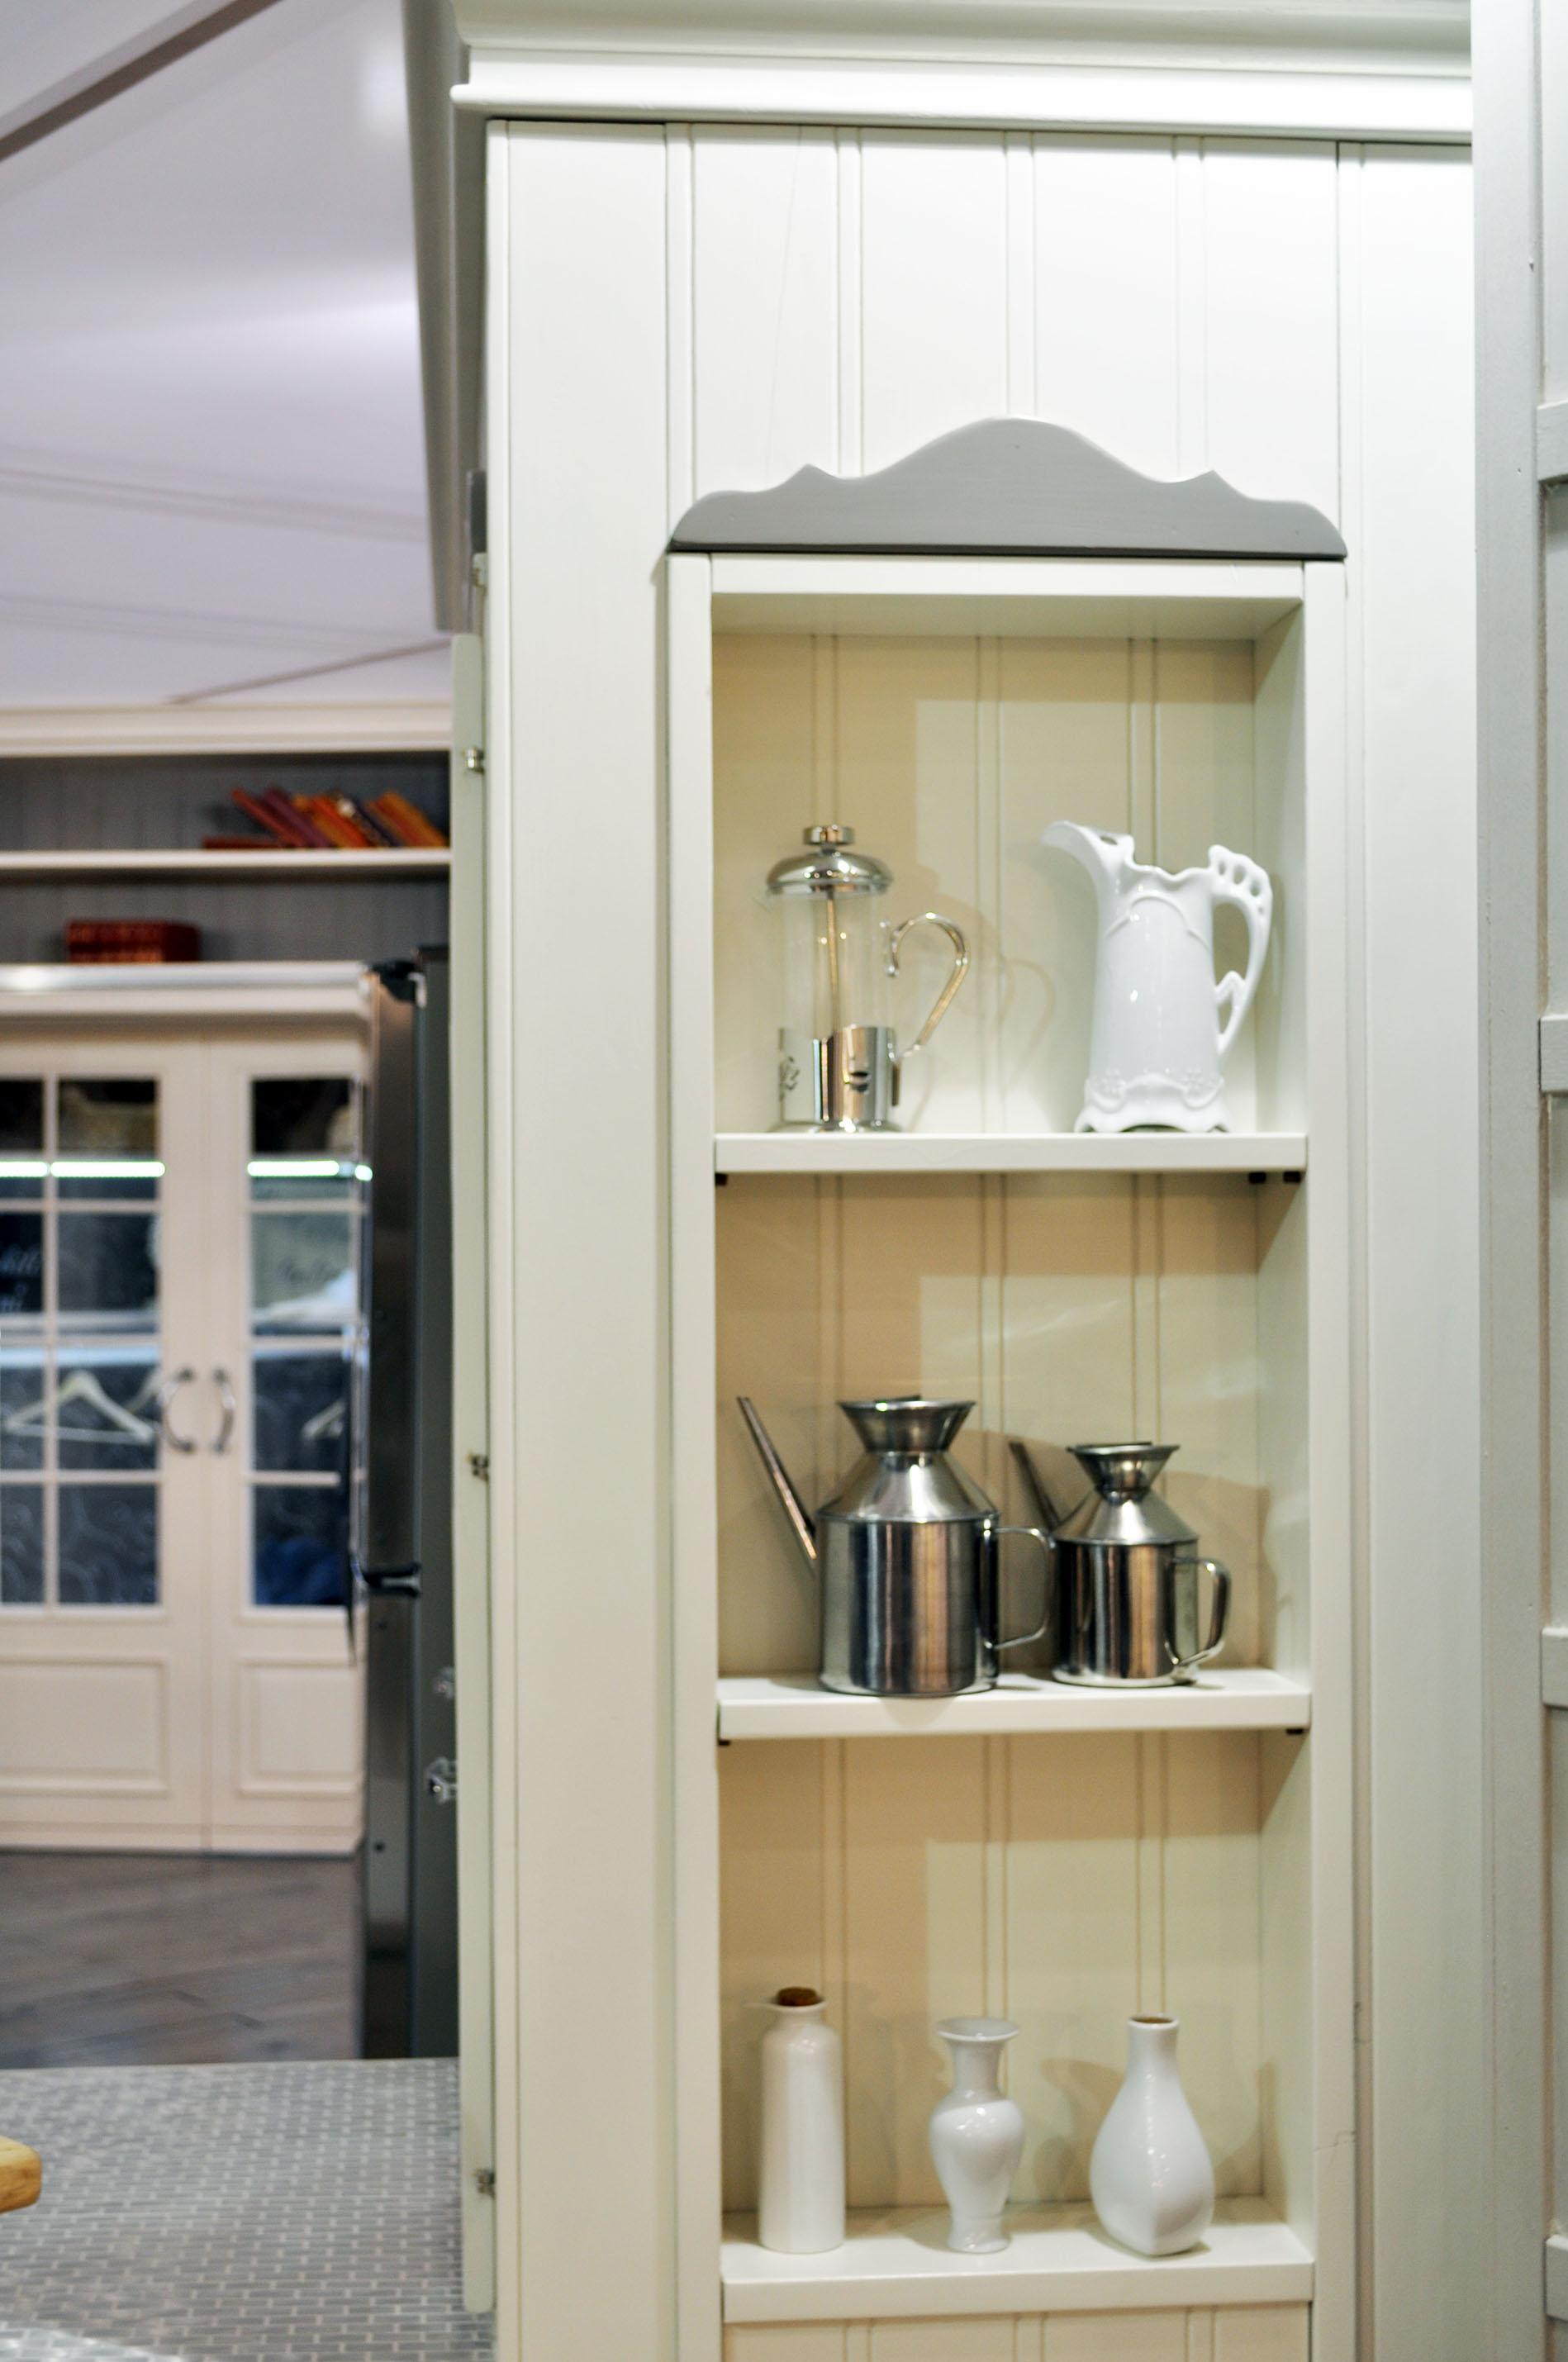 cucina coloniale falegnameria su misura roma (2)